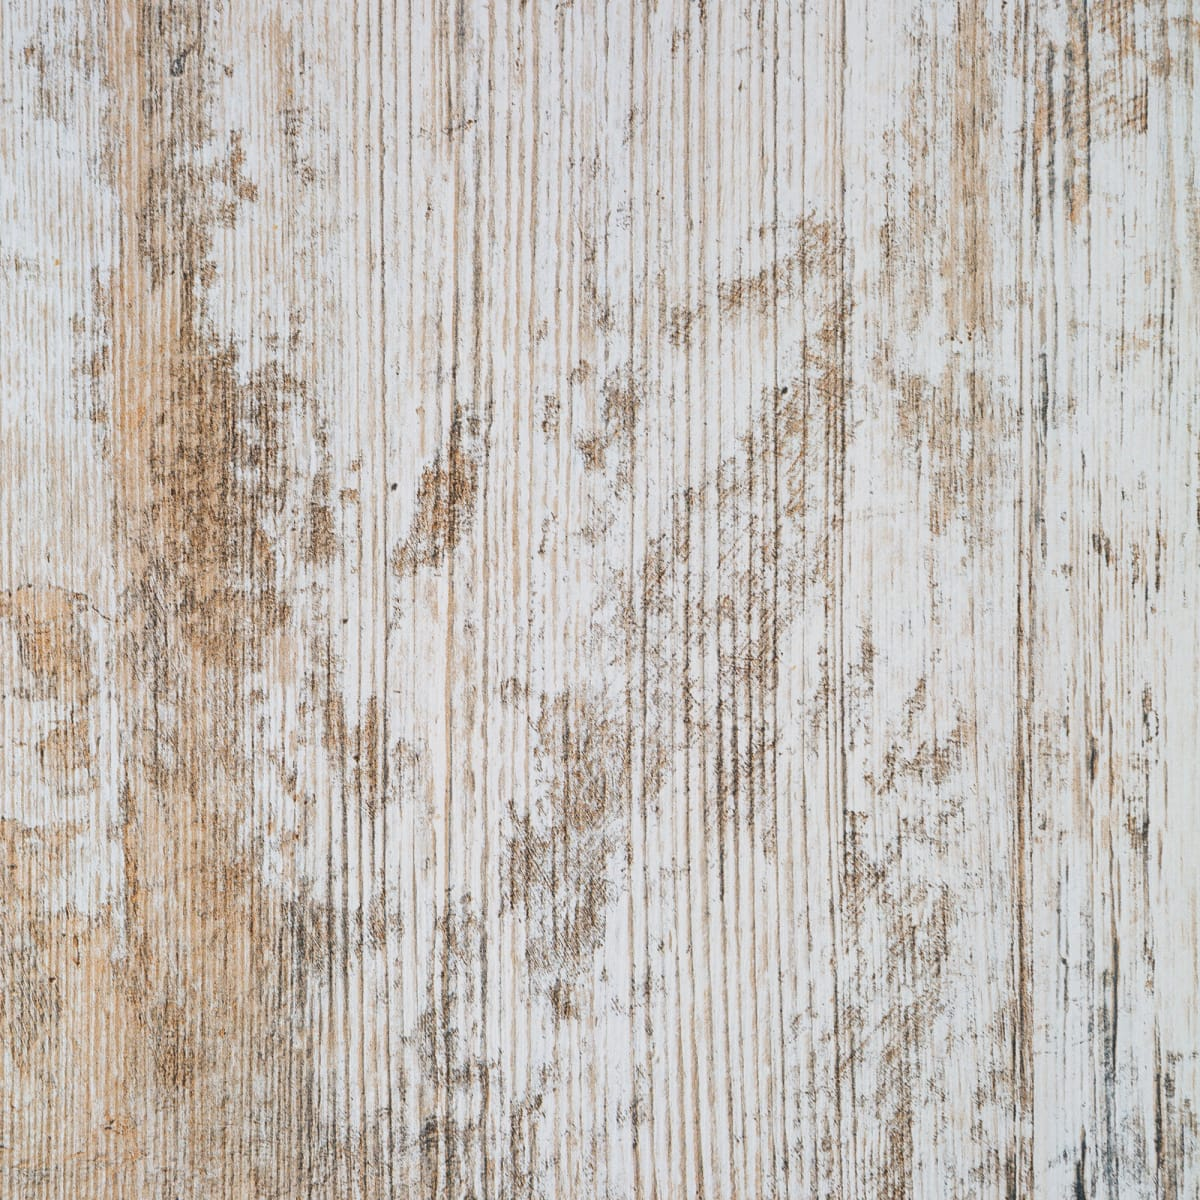 Стеновая панель «Брут», 300х0.4х60 см, МДФ